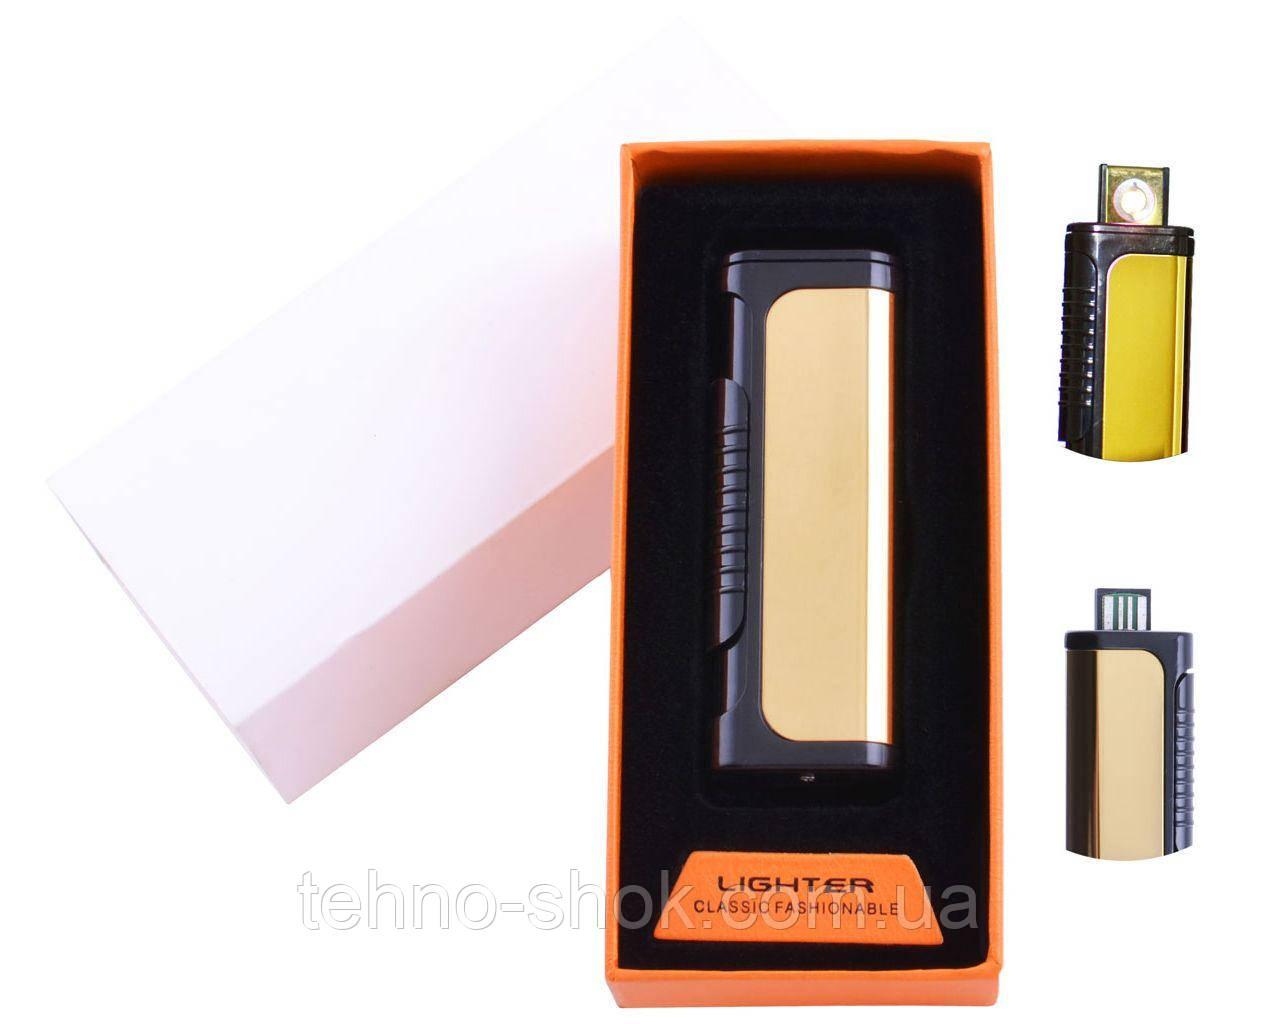 USB зажигалка в подарочной упаковке Lighter (Спираль накаливания) HL-35 Gold